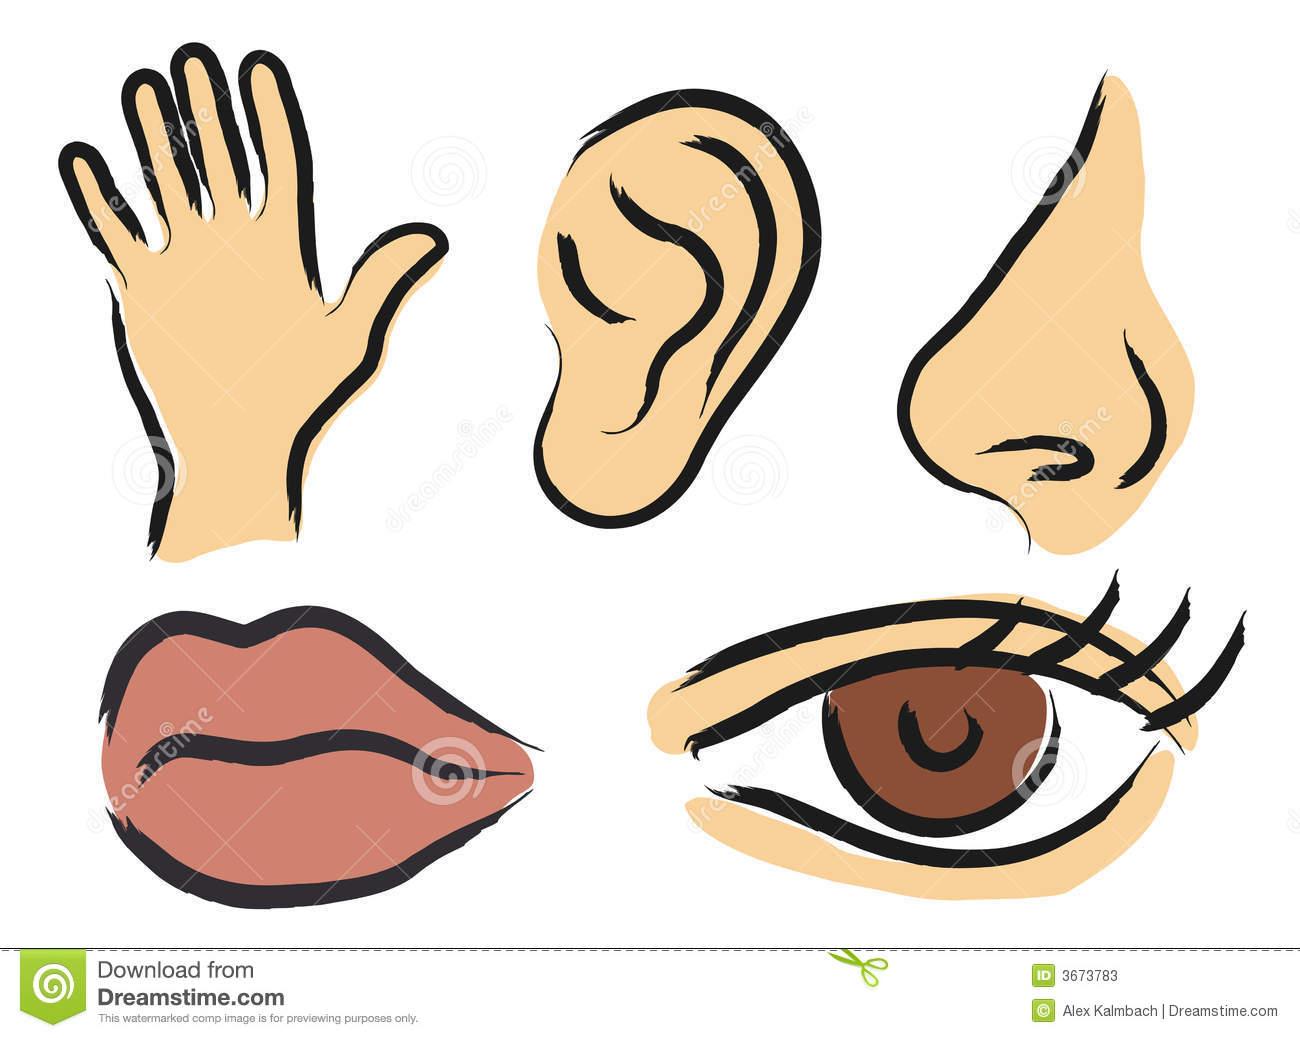 Organs png transparent images. 5 senses clipart sense organ